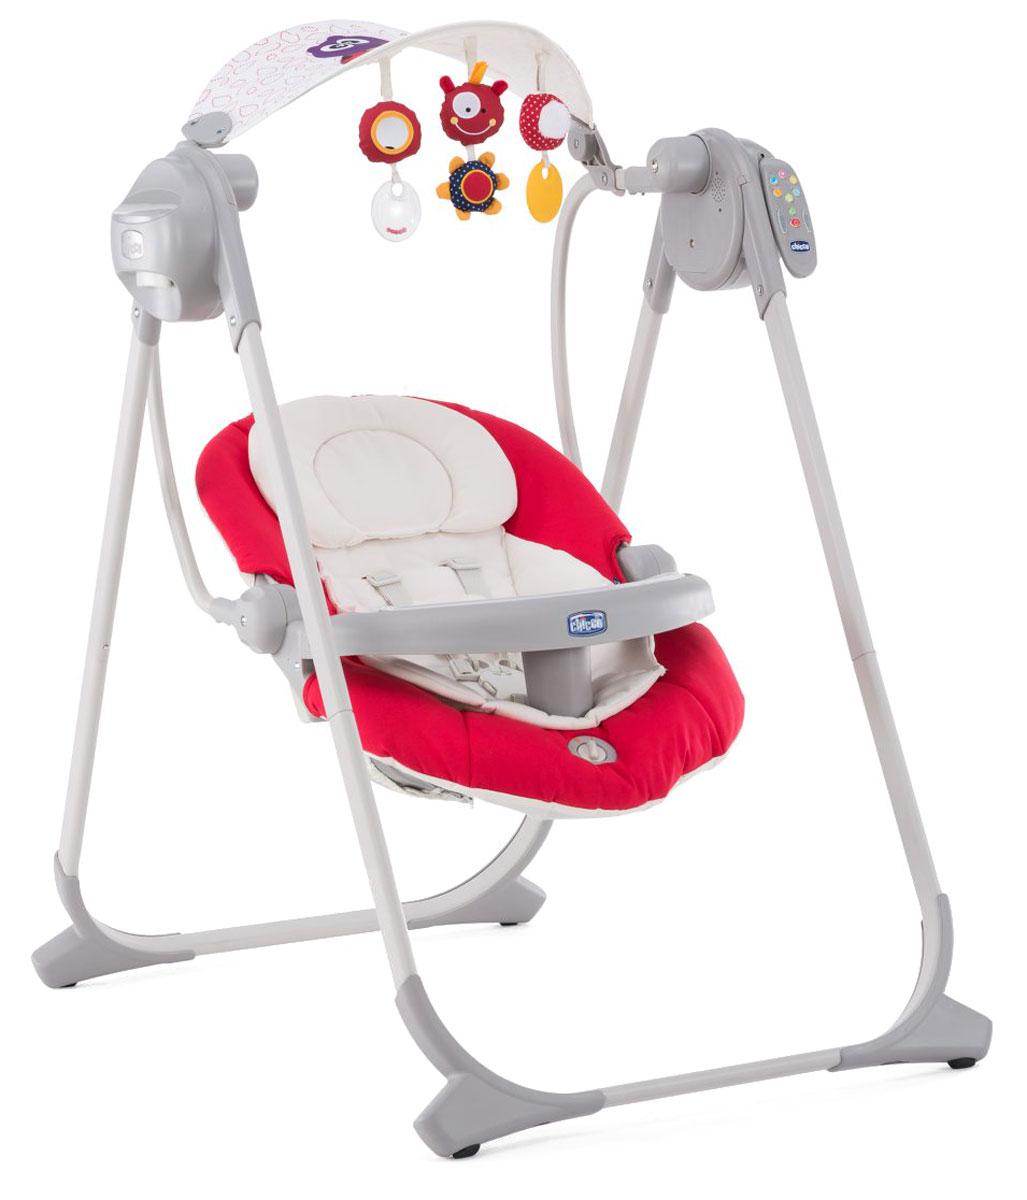 Swing Up — первые качели вашего ребенка, которые можно использовать как дома, так и на улице. Прекрасно подходят для игры, отдыха и укачивания малыша уже с самого рождения! Имеют 4 скорости движения, оборудованы устройством вибрации для укачивания ребенка. Задняя спинка может фиксироваться в 2-х положениях для обеспечения максимального комфорта ребенка как во время игры, так и во время отдыха.